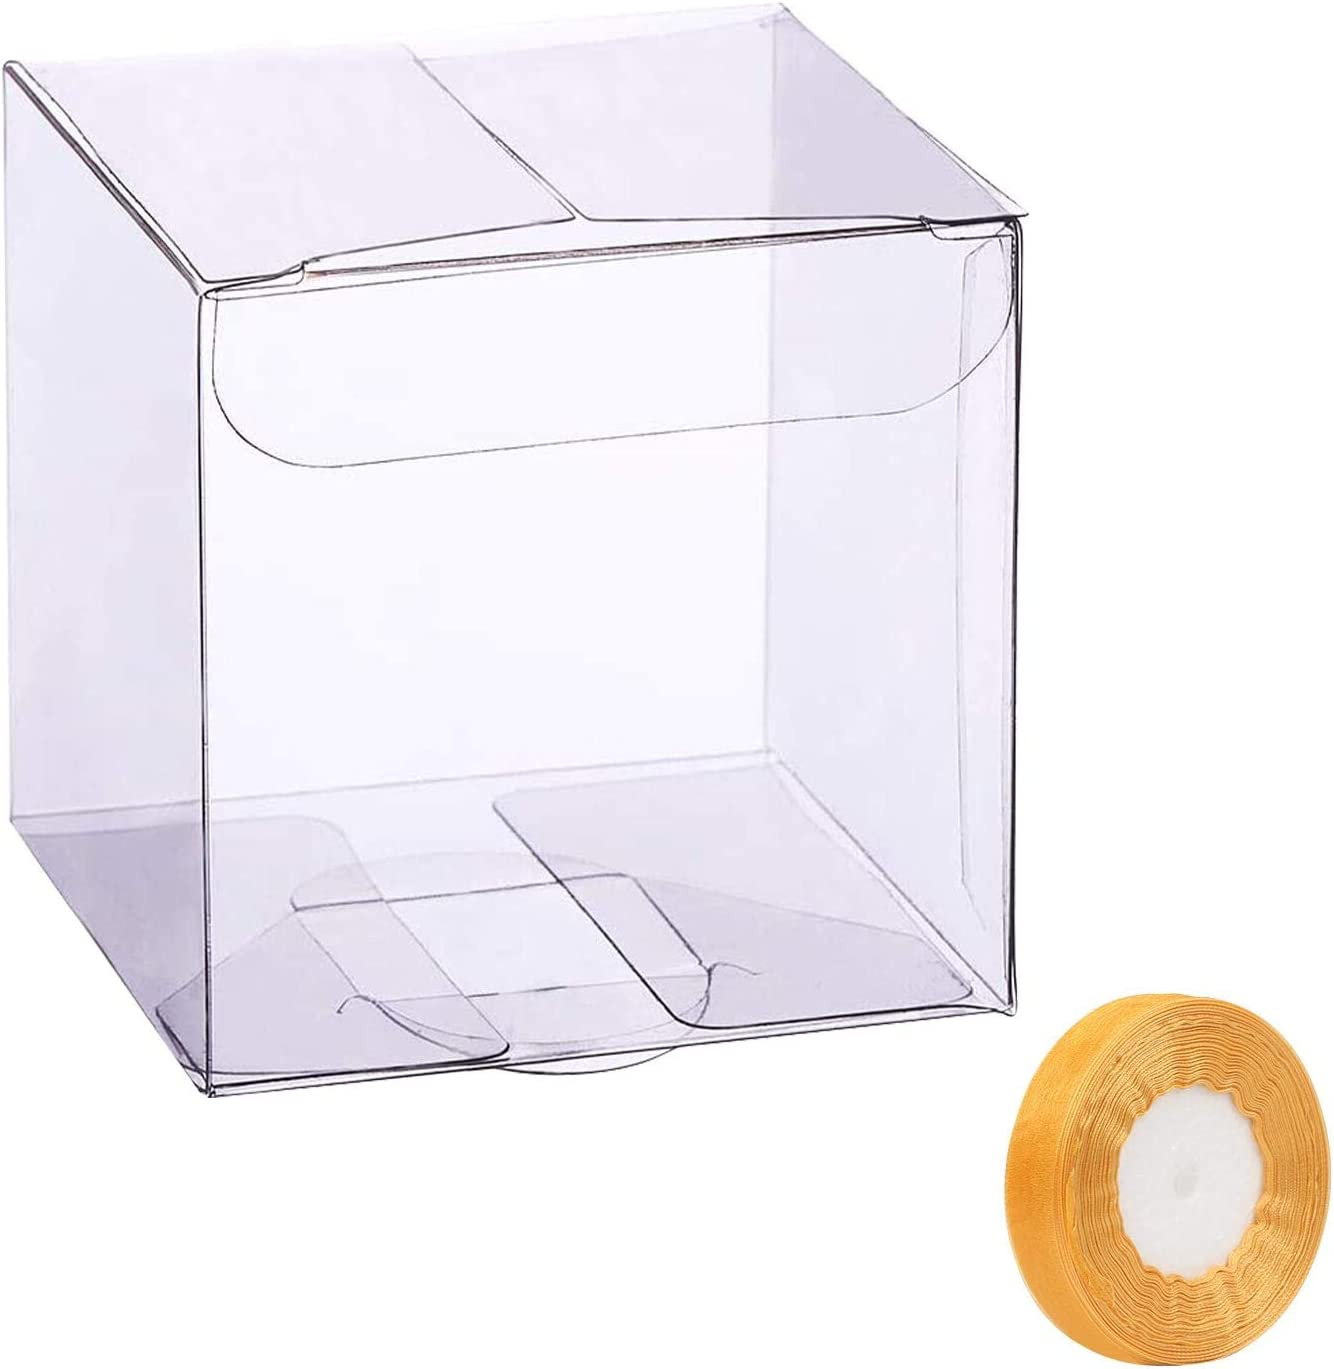 LAITER 20 Pcs Caja Transparente de Embalaje Boda Caja Cubo Transparente Caja Transparente de Regalo Caja Plegable de PVC para Dulce Caramelos Flor para Fiesta Cumpleaños 7x7x7cm (+Cinta de Seda)